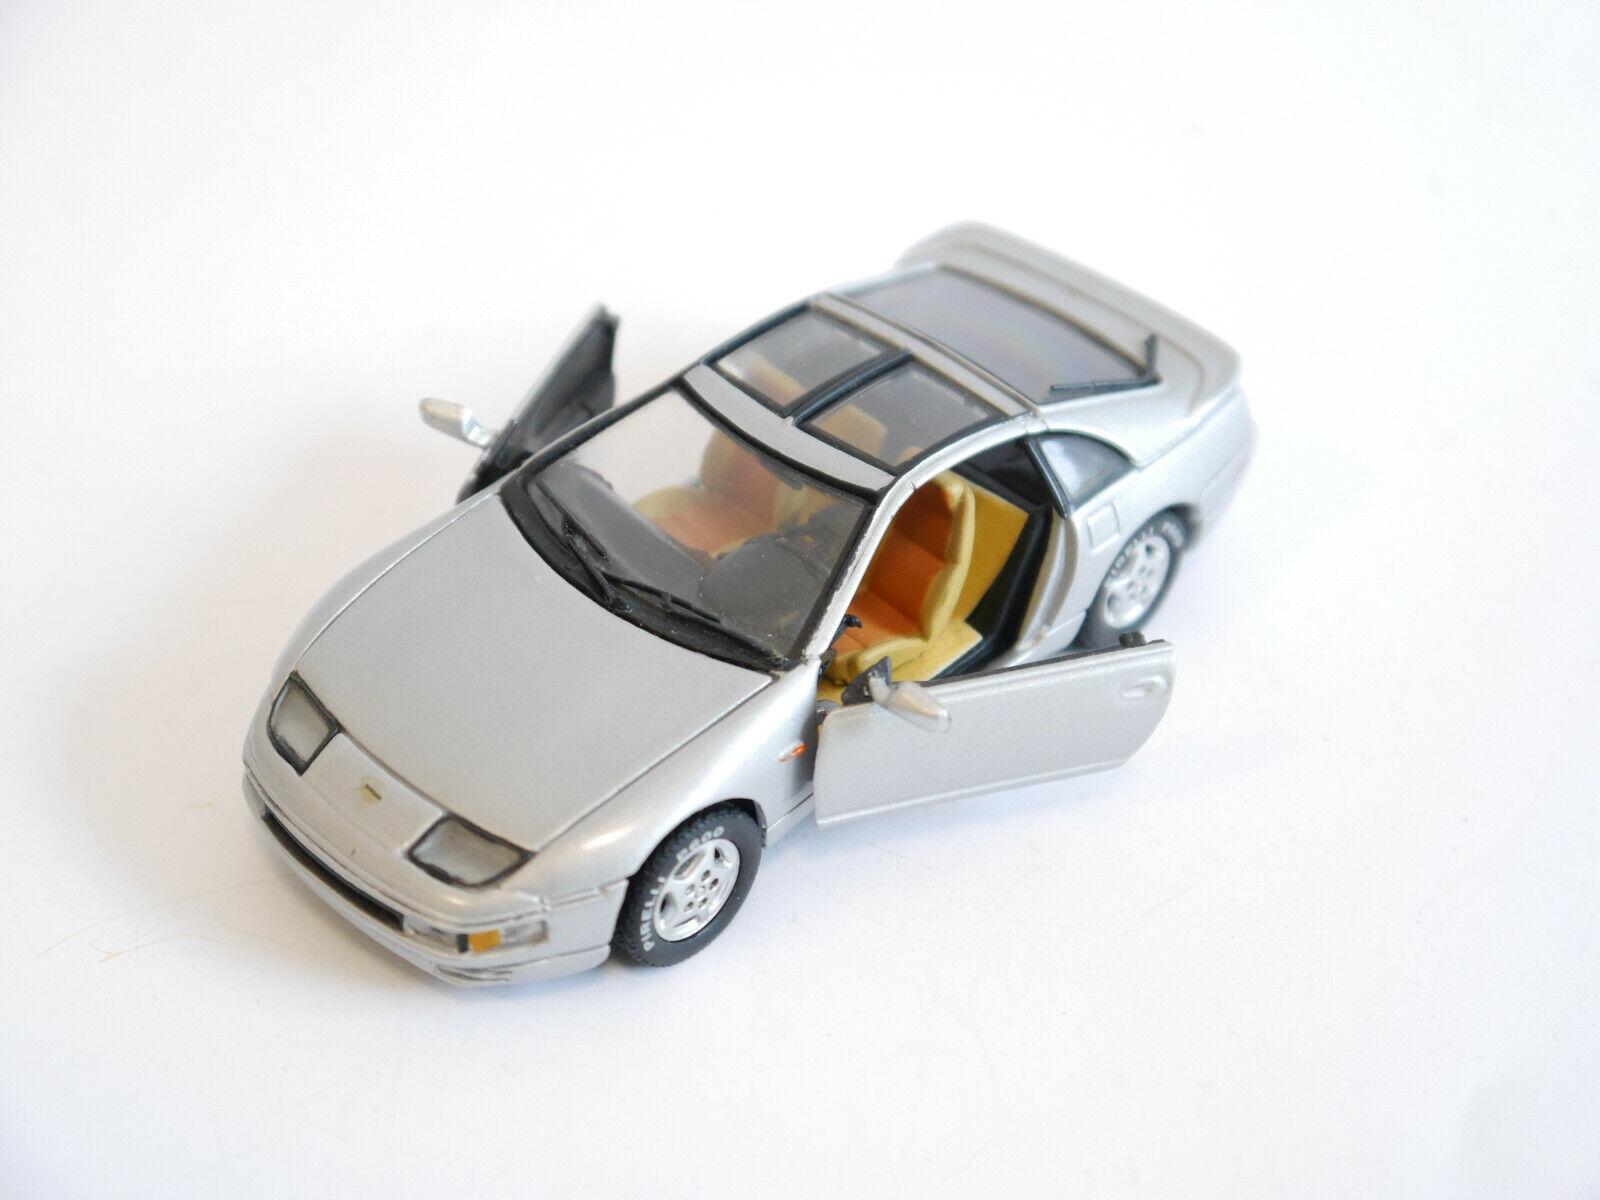 precios bajos Nissan 300 ZX Coupe plata platain plata Metallic, Metallic, Metallic, detalle Coches 1 43 fair lady Z  producto de calidad